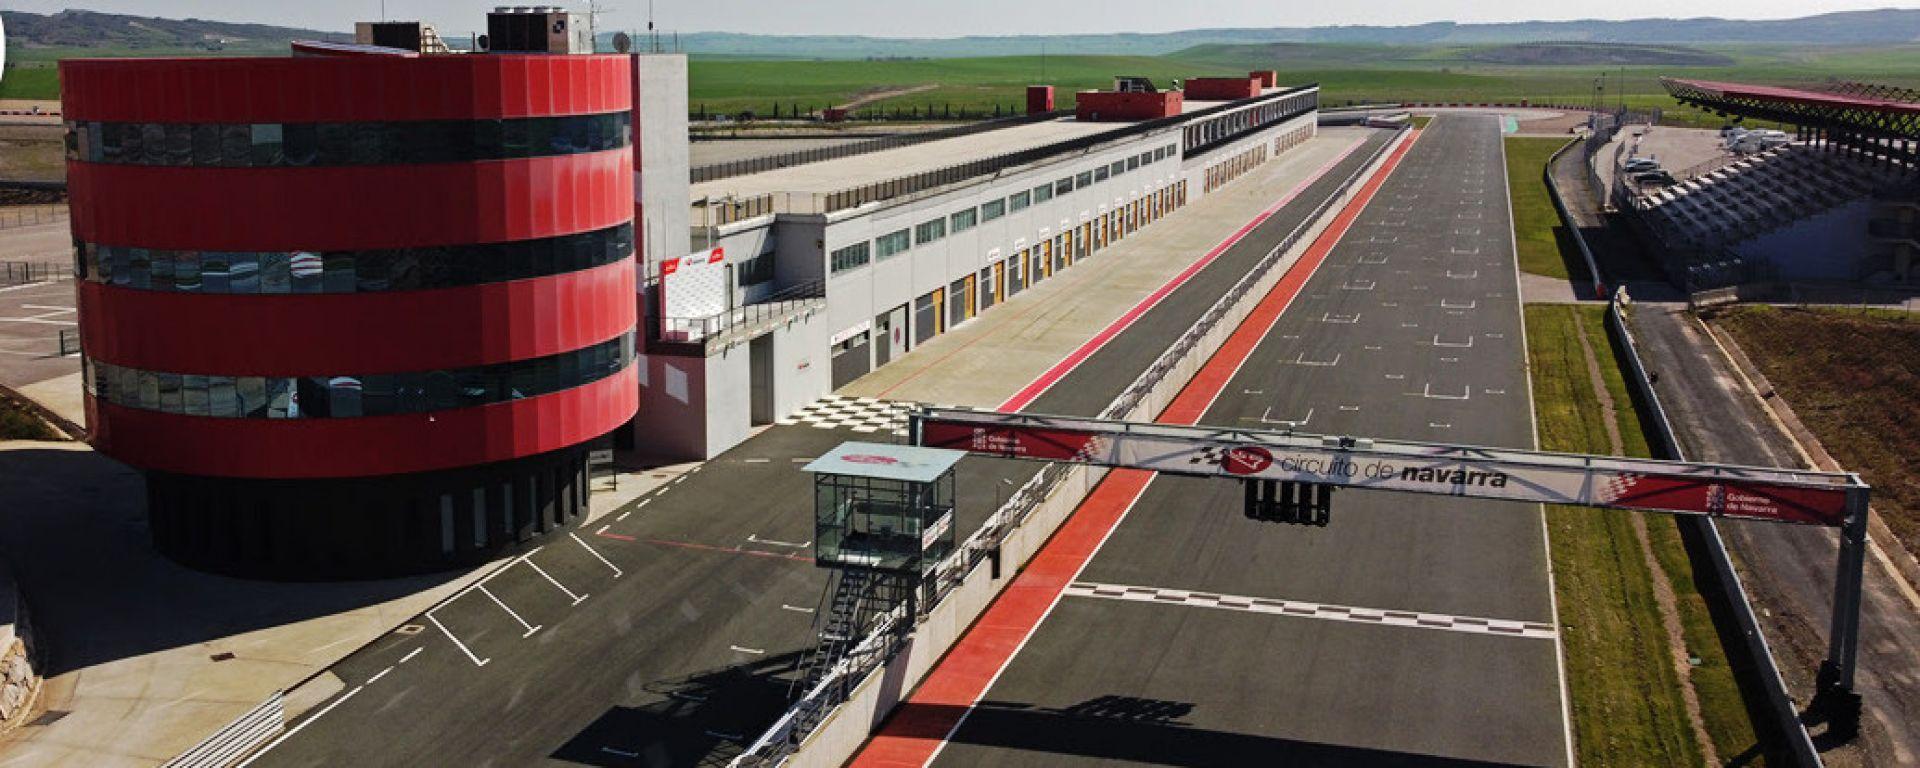 WSBK 2021: veduta del Circuito de Navarra